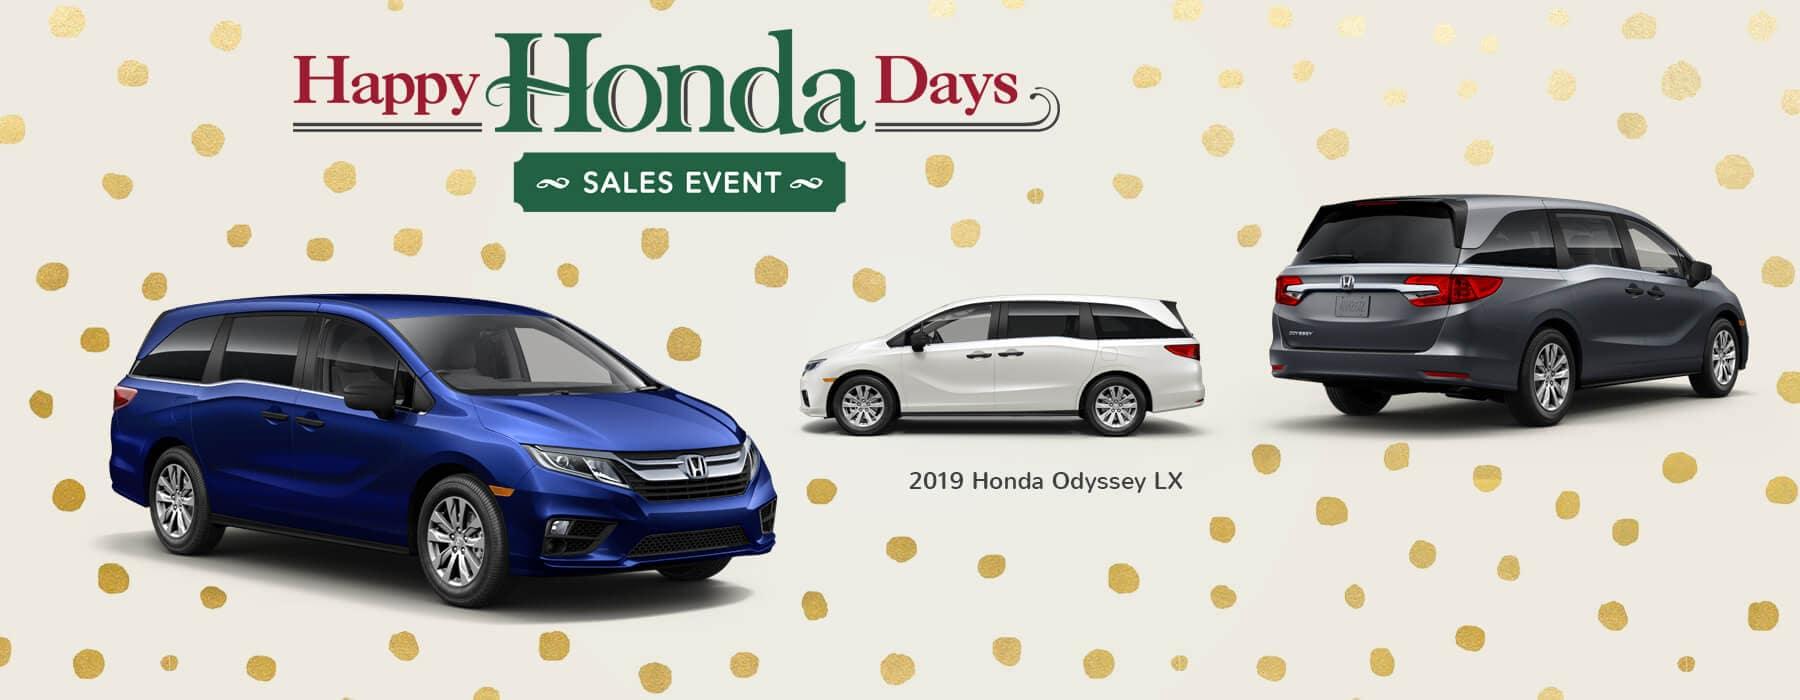 Happy Honda Days Sales Event 2019 Honda Odyssey Slider